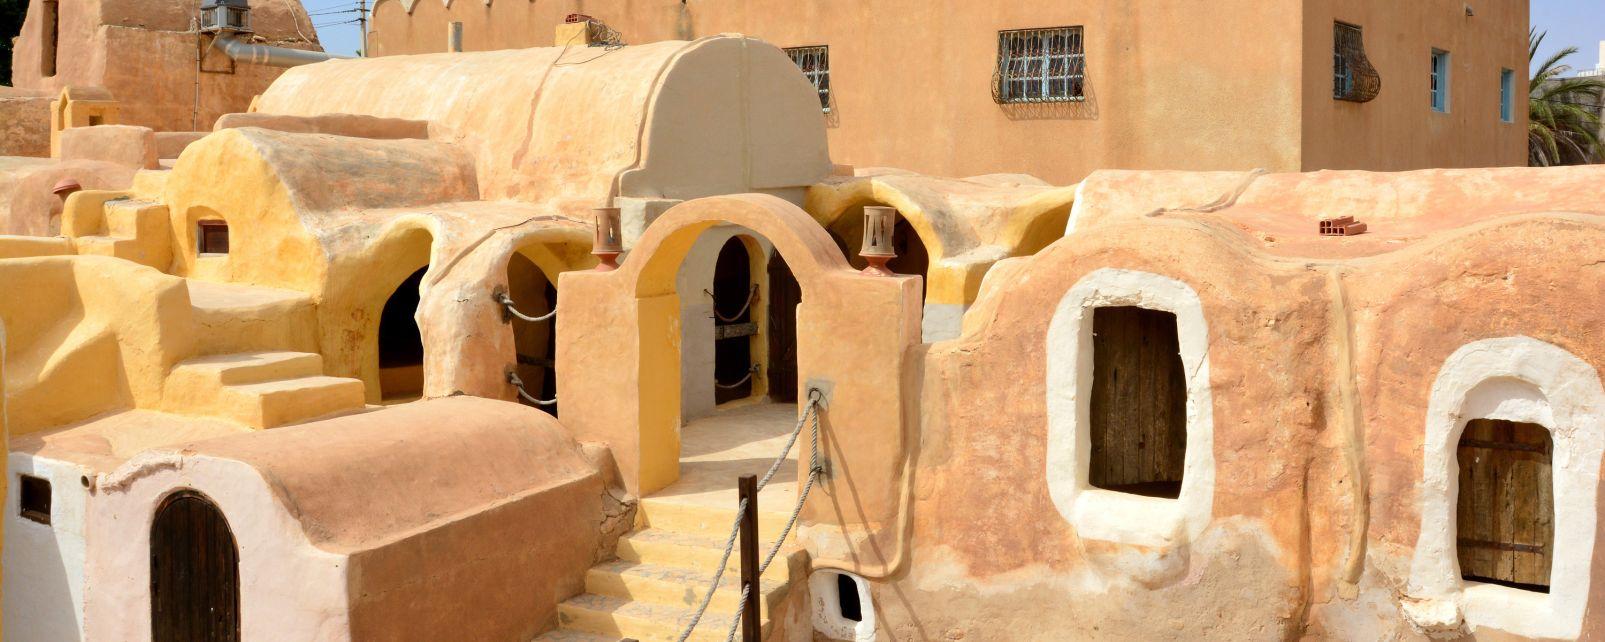 Ksar Haddada, I castelli del deserto, Tataouine, Tunisia